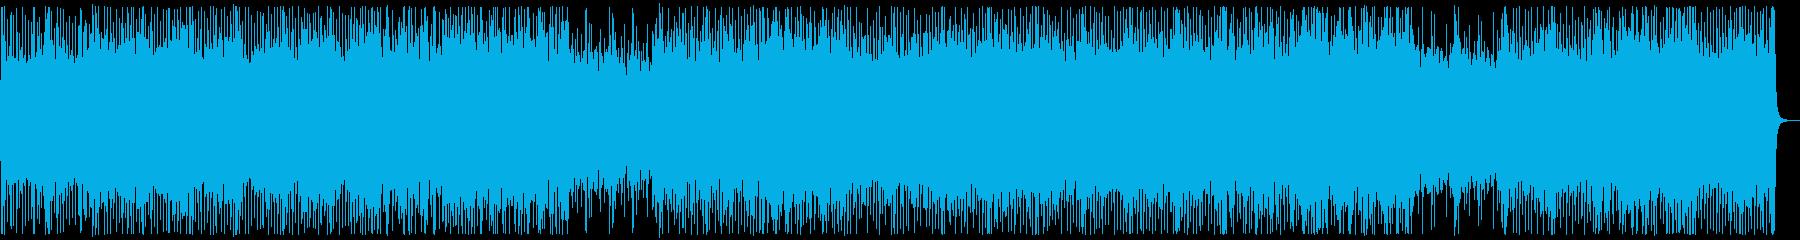 和楽器・和風・サムライロック:フルx2の再生済みの波形